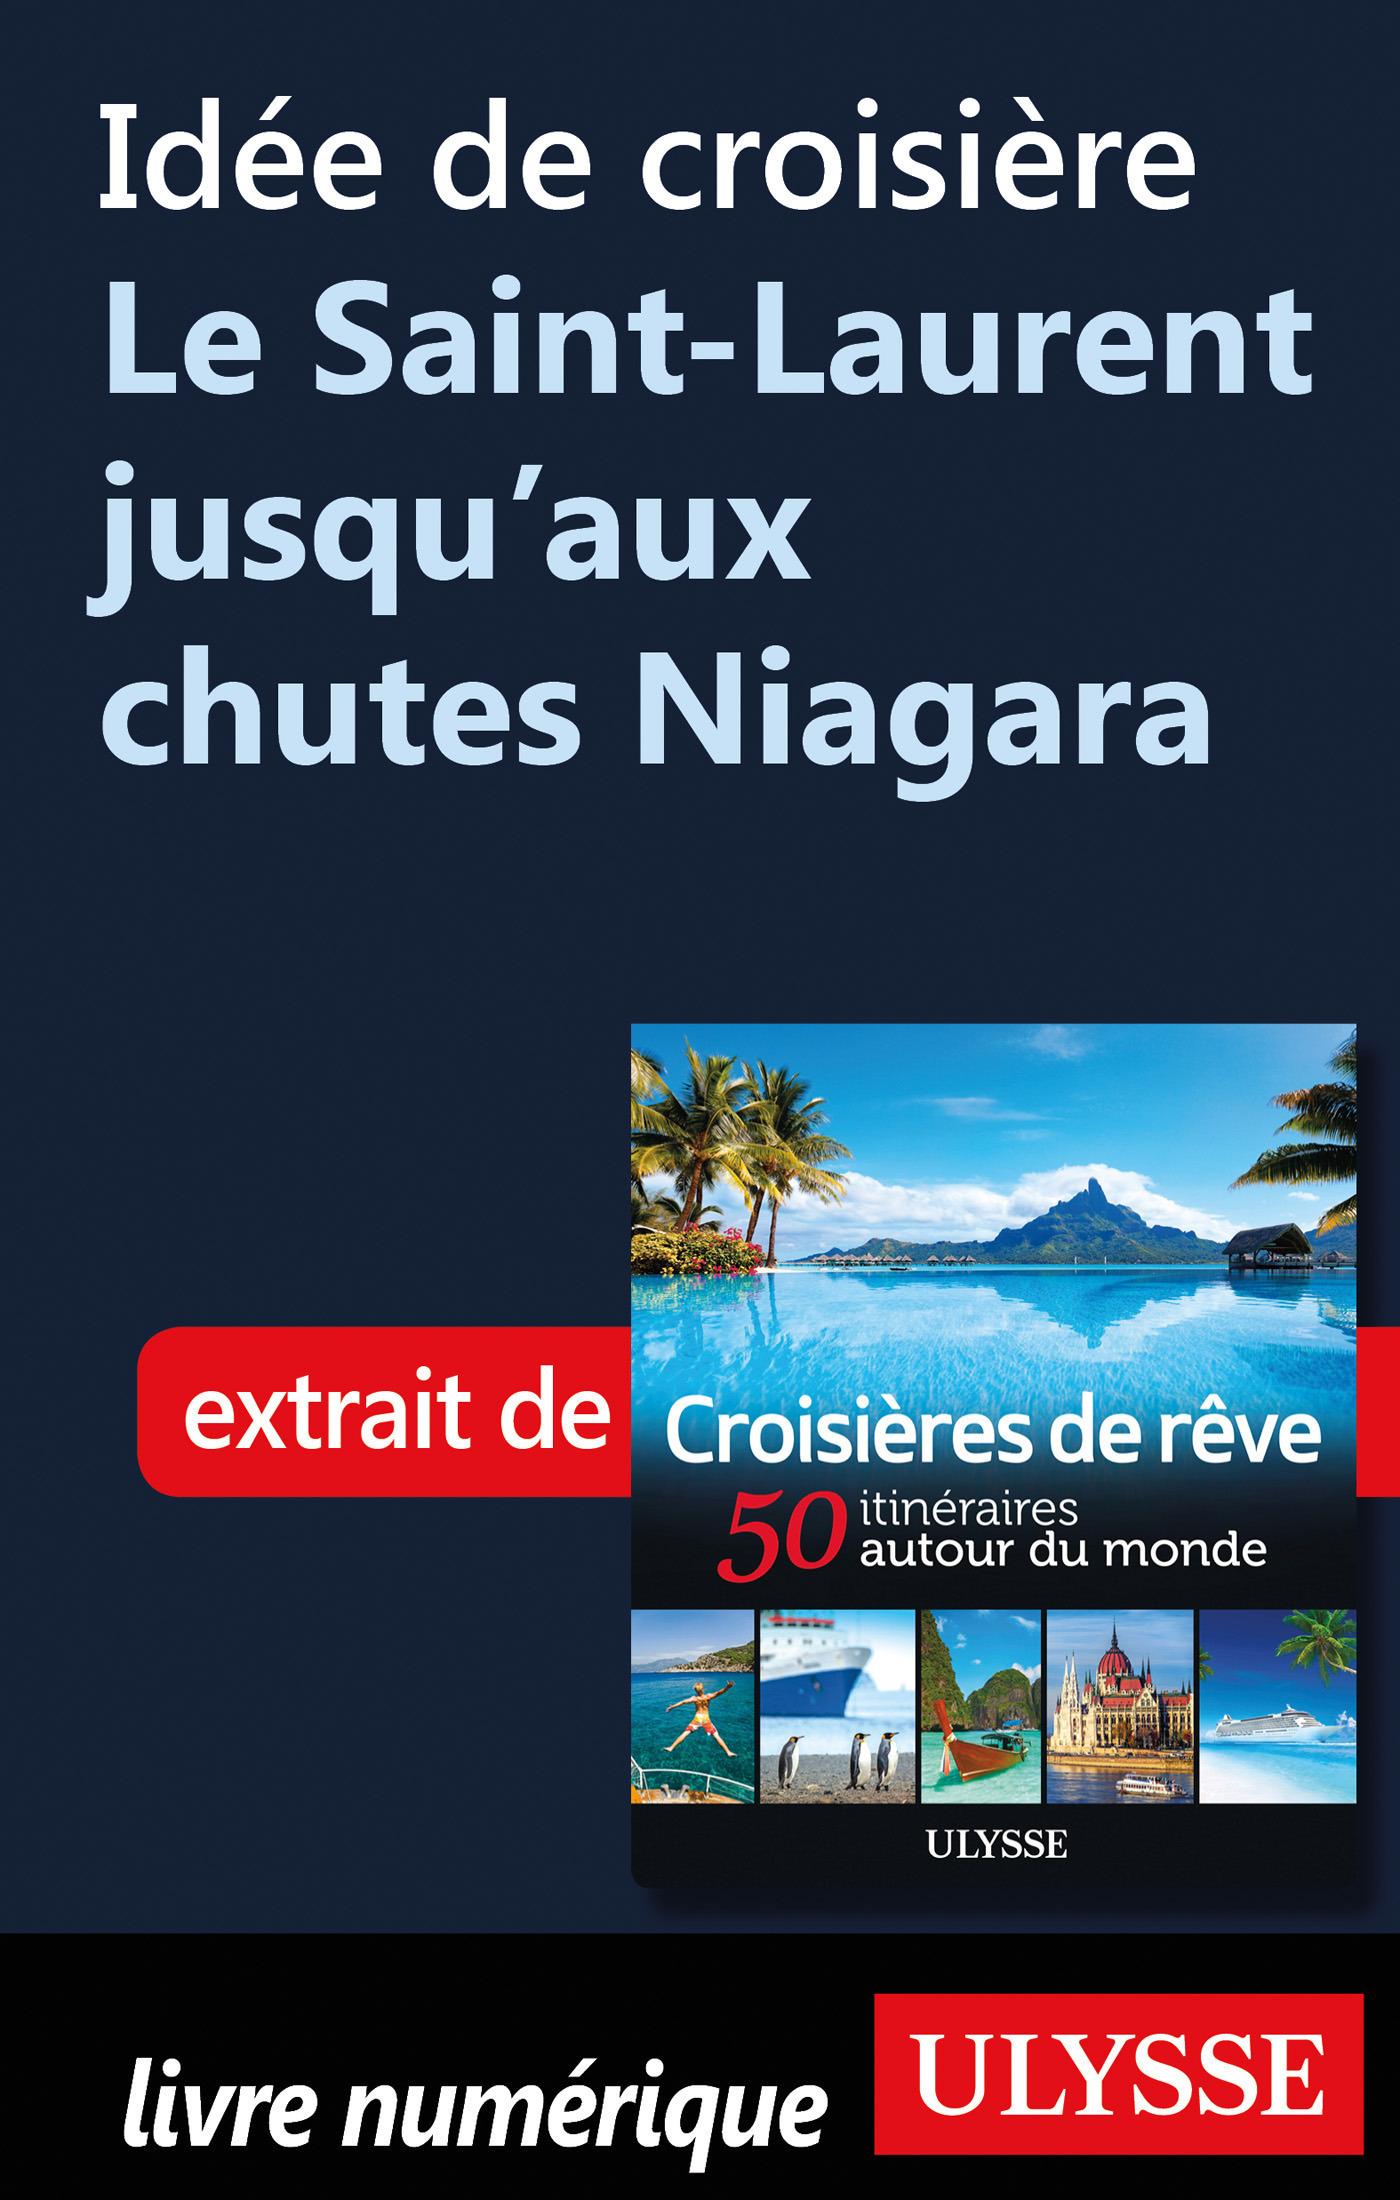 Idée de croisière - Le Saint-Laurent jusqu'aux chutes Niagara